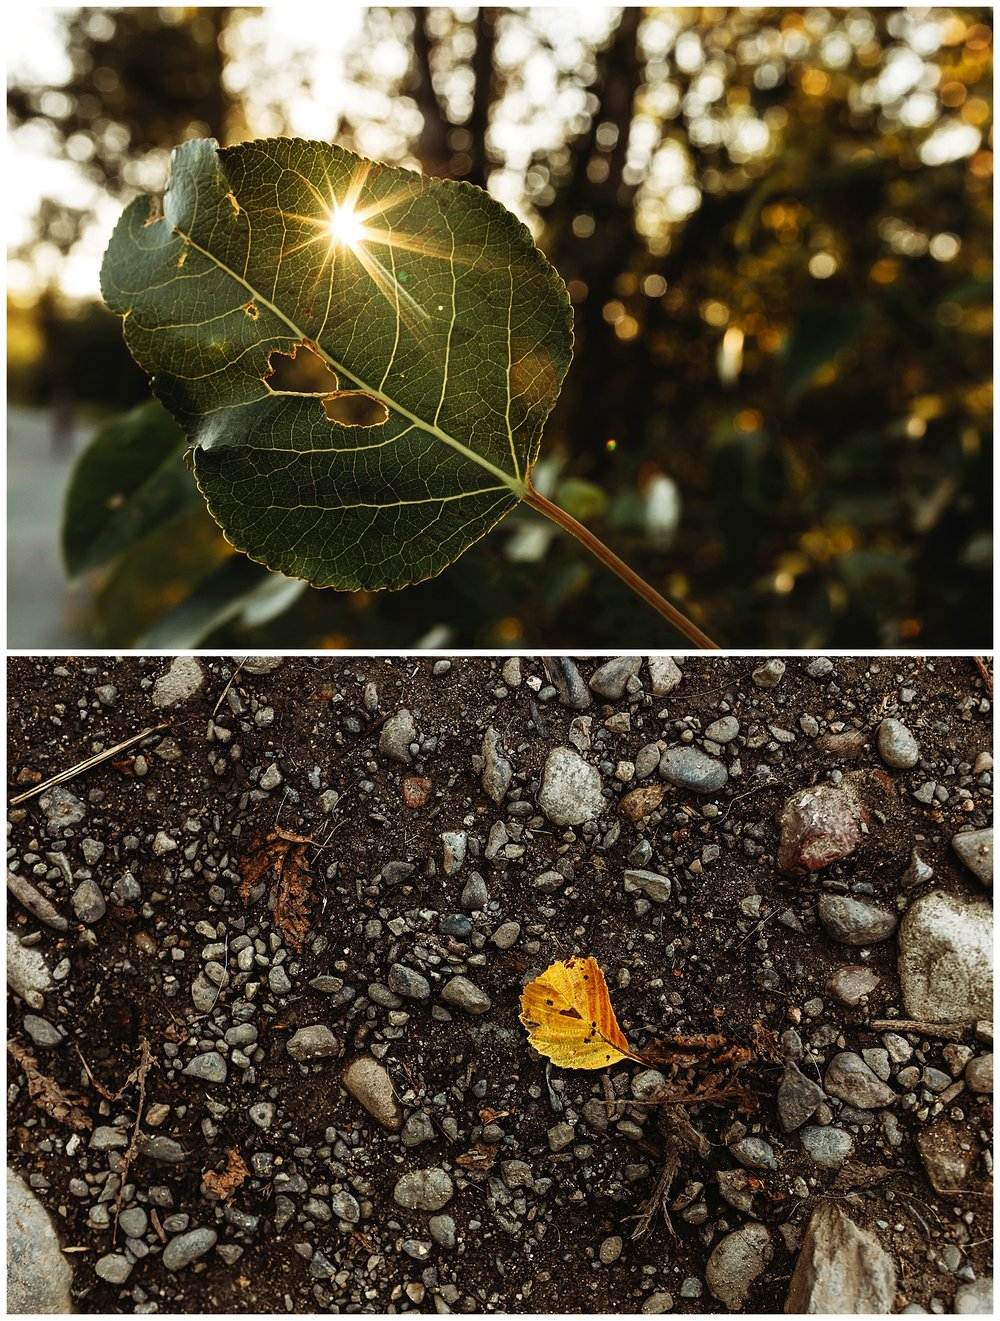 Sun Burst Nature.jpg